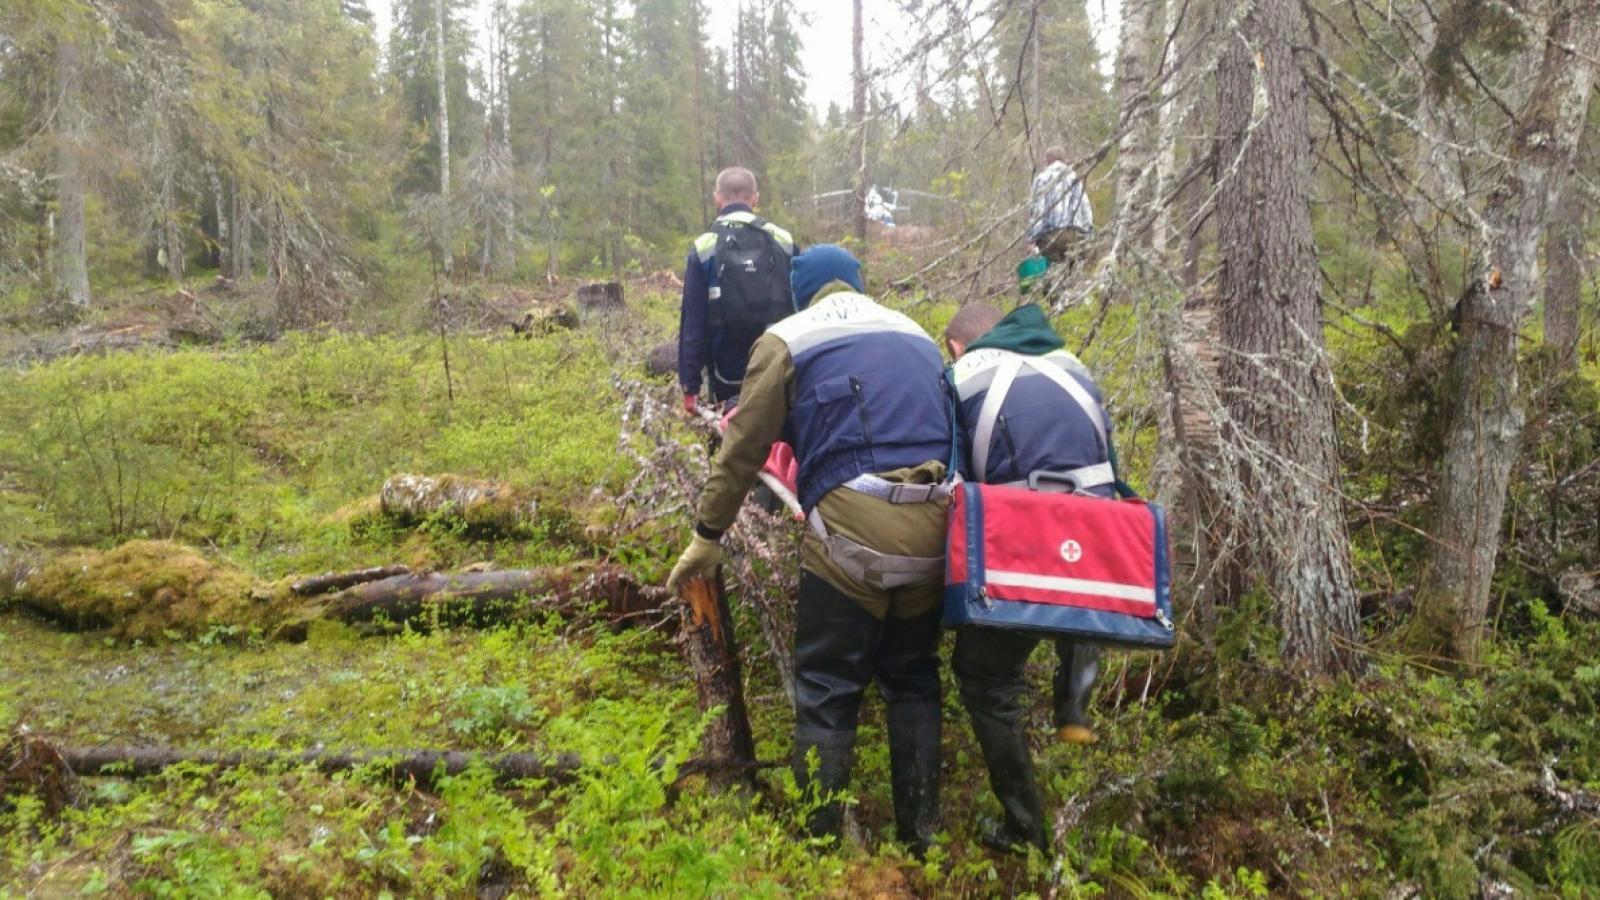 В Череповецком районе спасли мужчину, сломавшего ребра в лесу